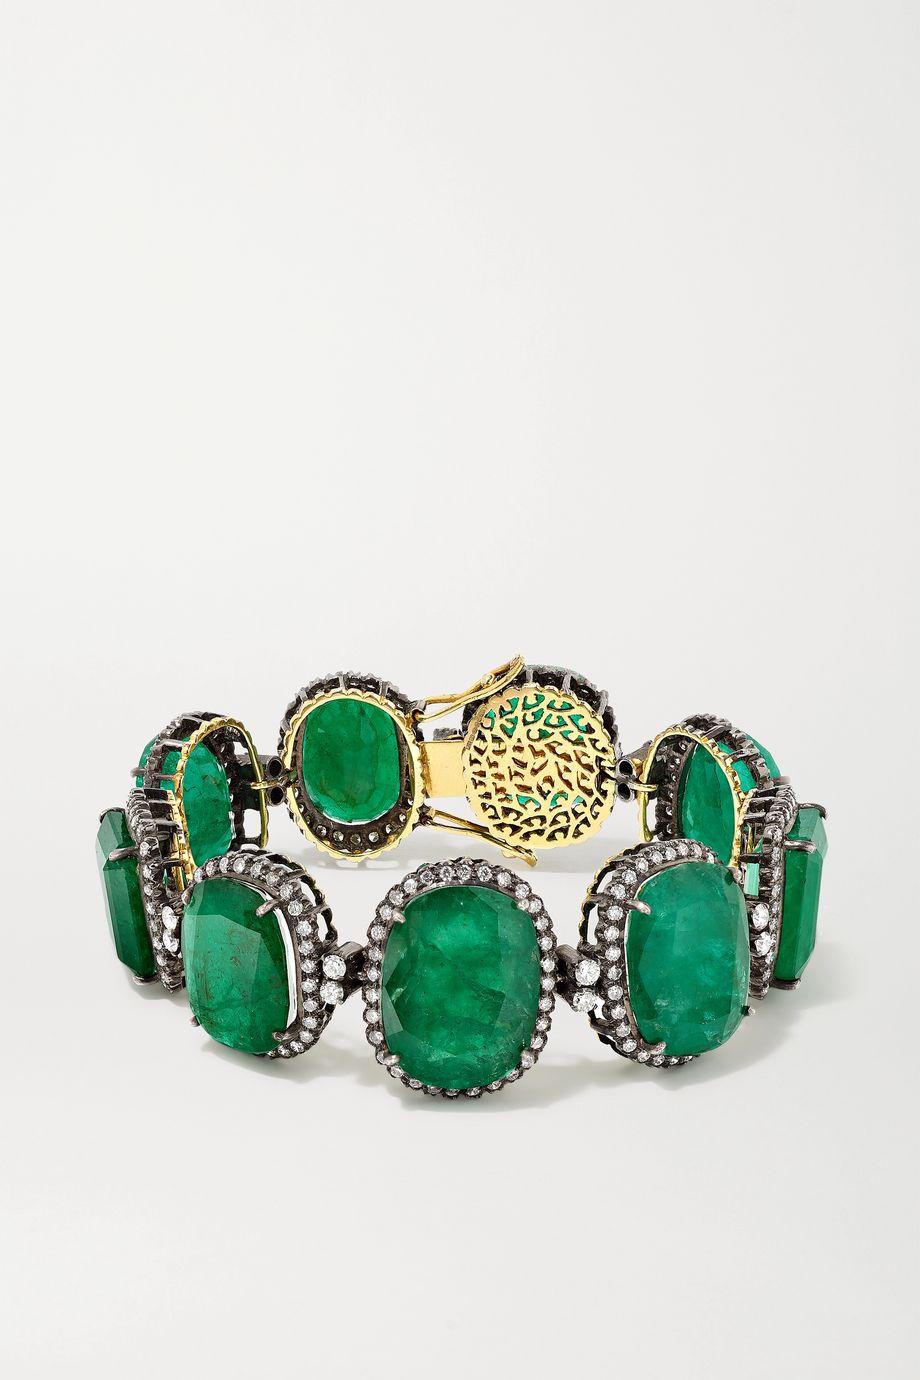 Amrapali Armband aus 18 Karat Gold mit Auflage aus Sterlingsilber, Smaragden und Diamanten